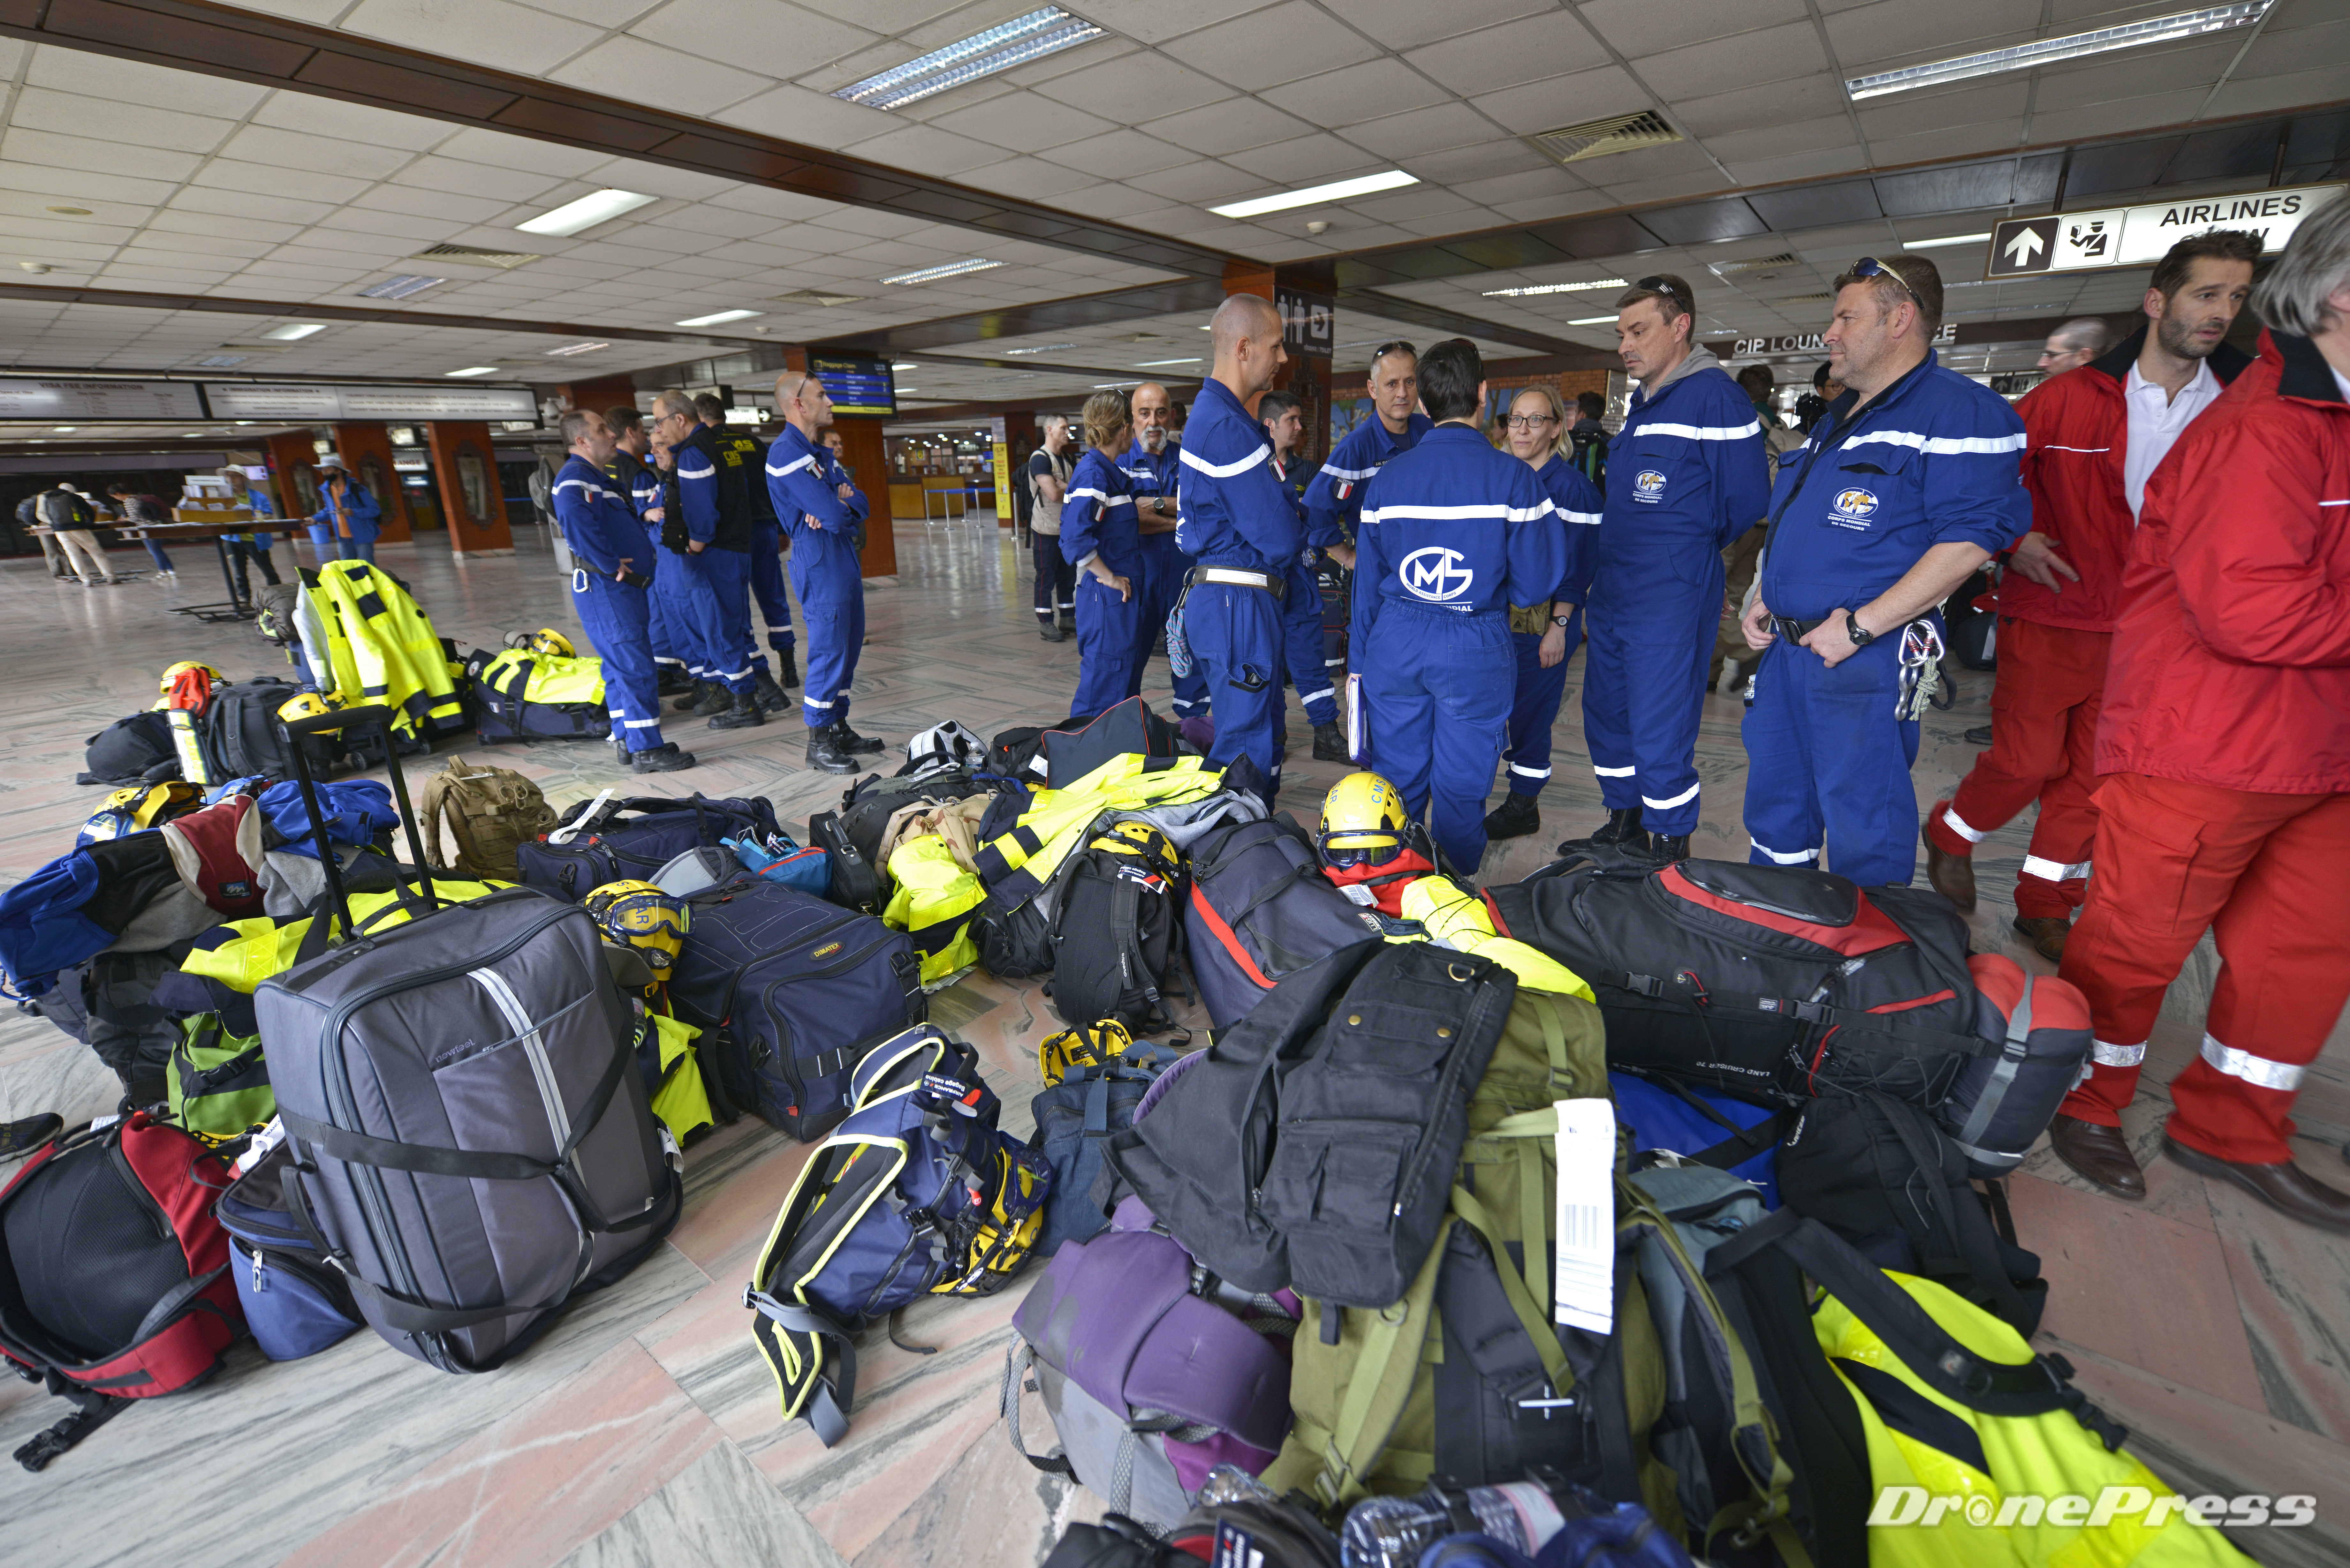 6684 – 4월 29일 오후 2시 네팔 카트만두공항에는 전세계 재난구조단이 속속 집결하고 있는 가운데 프랑스 재난구조단이 입국심사 대기중이다 - 드론프레스 제공